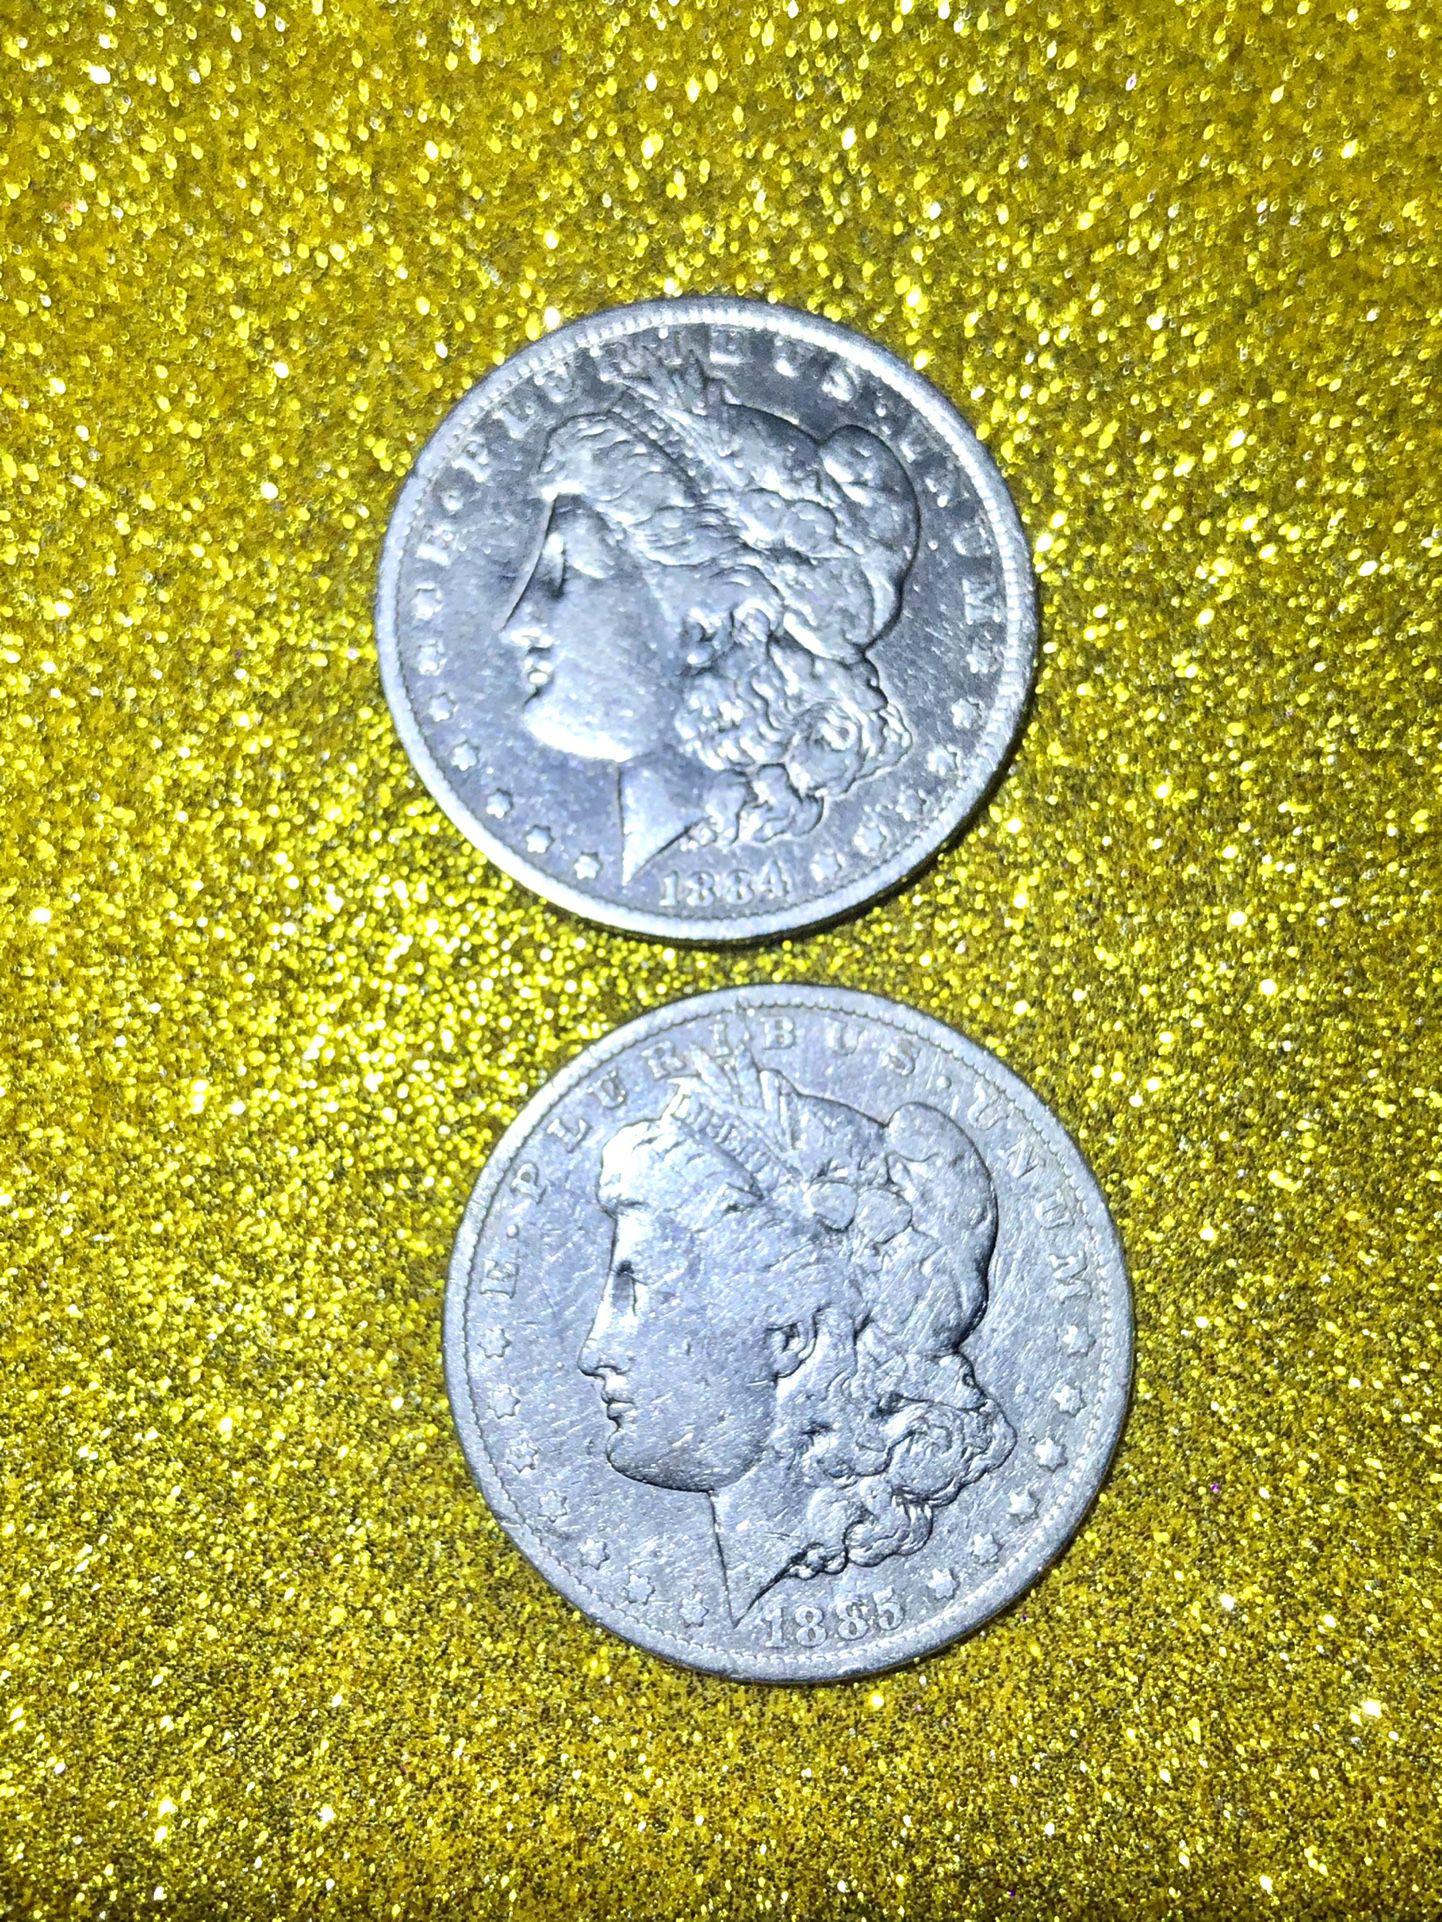  1884 and 1885 Silver Morgan Dollar Coins Collectibles 